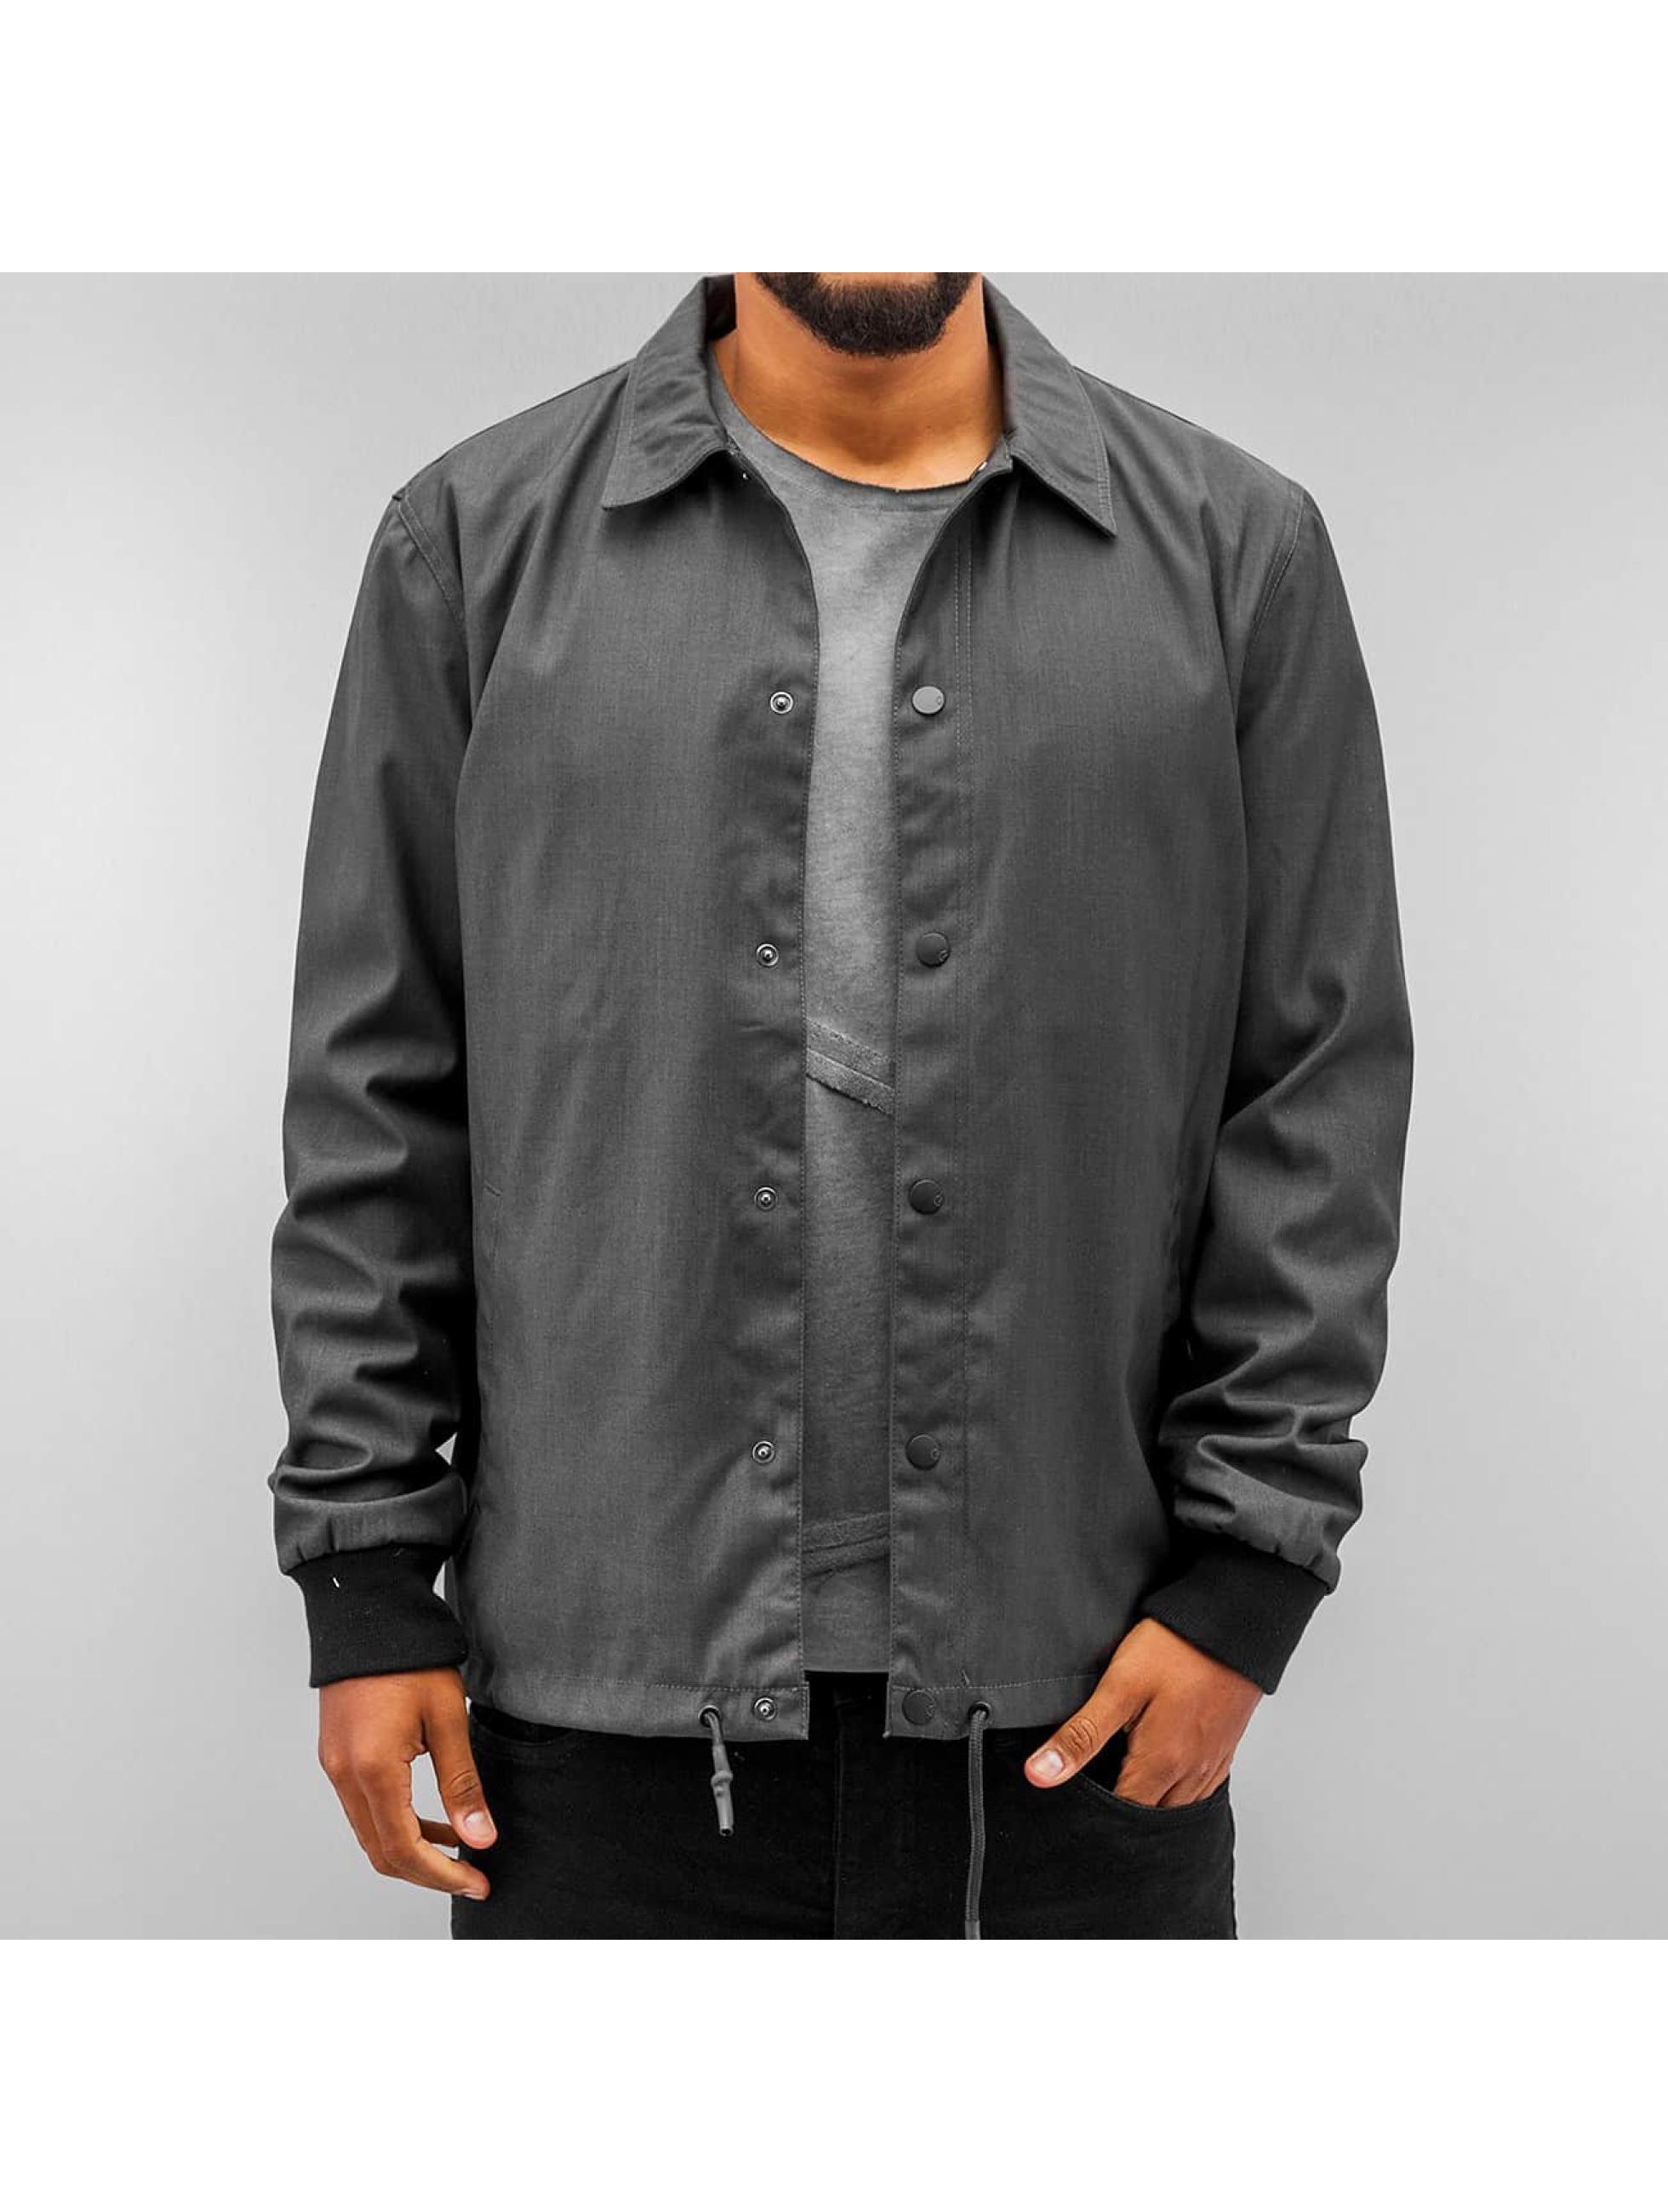 Solid Демисезонная куртка Errling серый